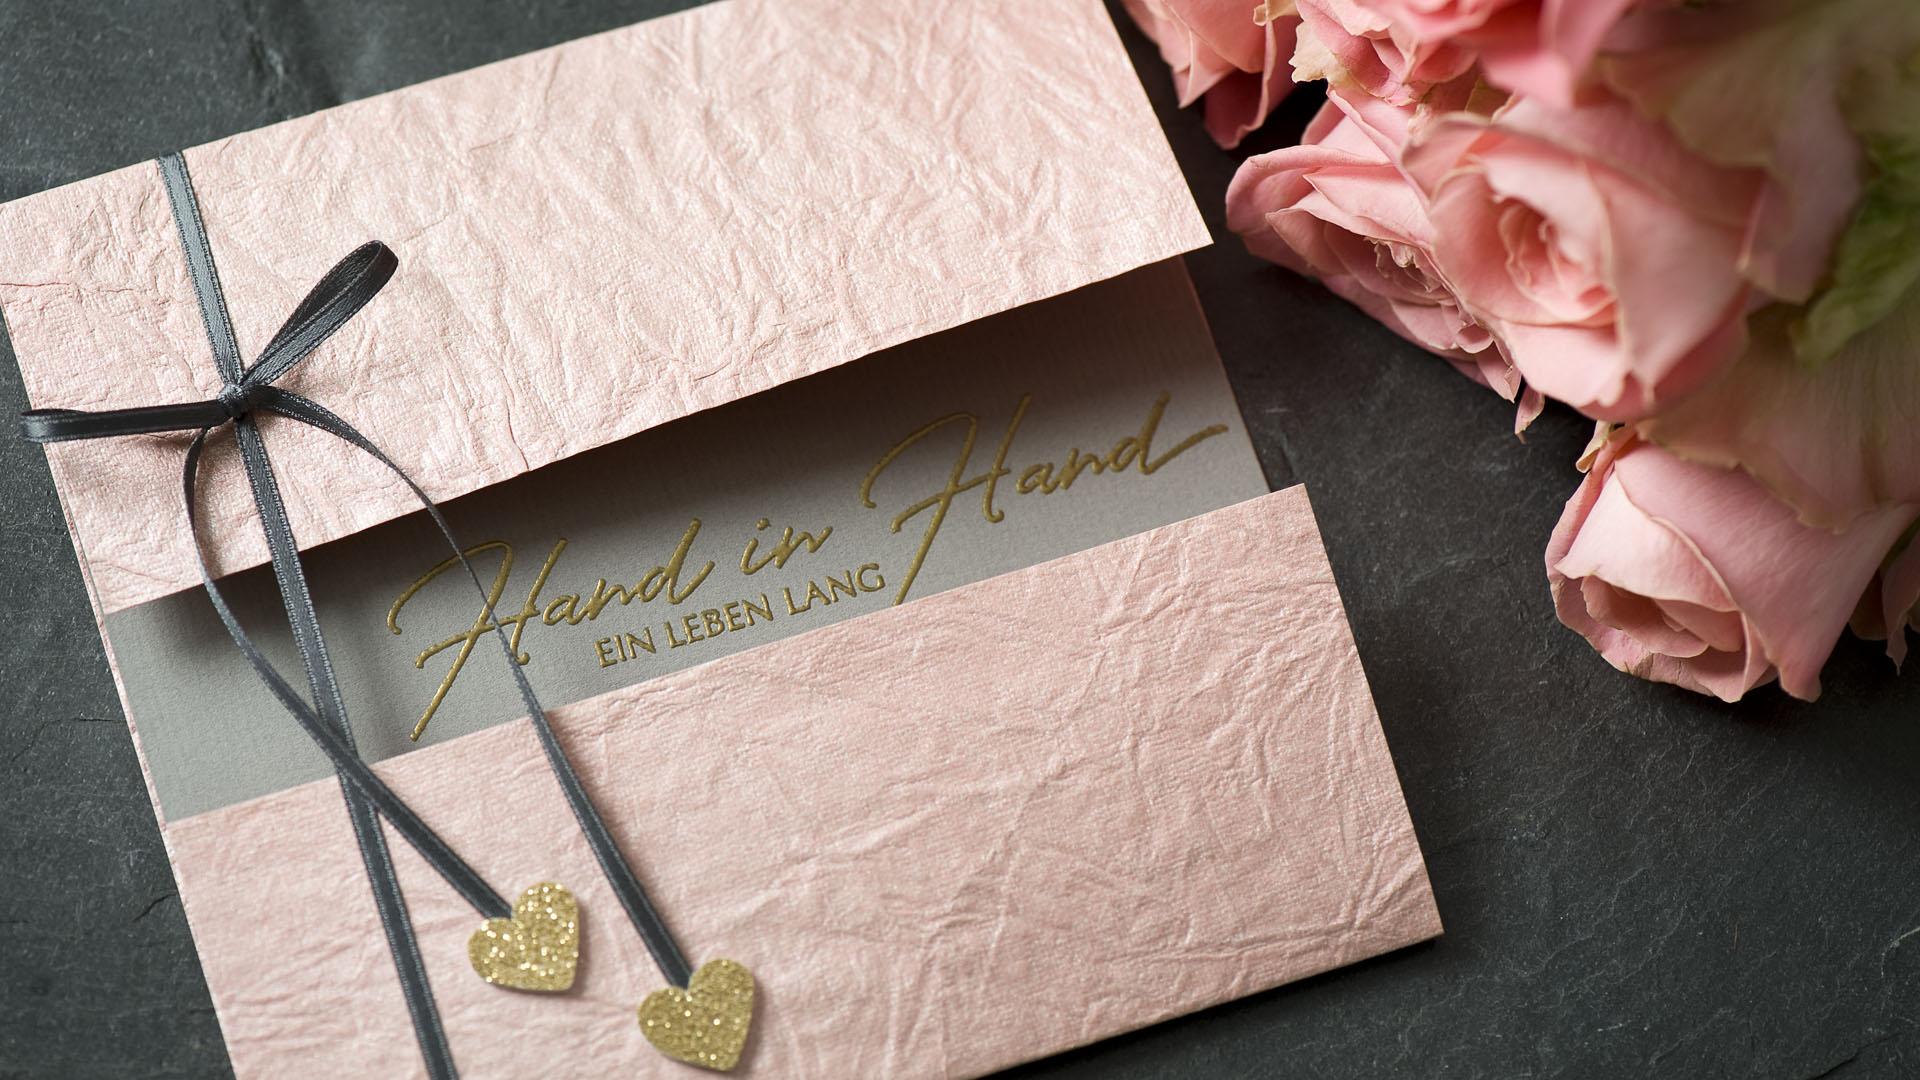 Ideen für Hochzeiten: Hand in Hand ein Leben lang | Einladung und Glückwunschkarte